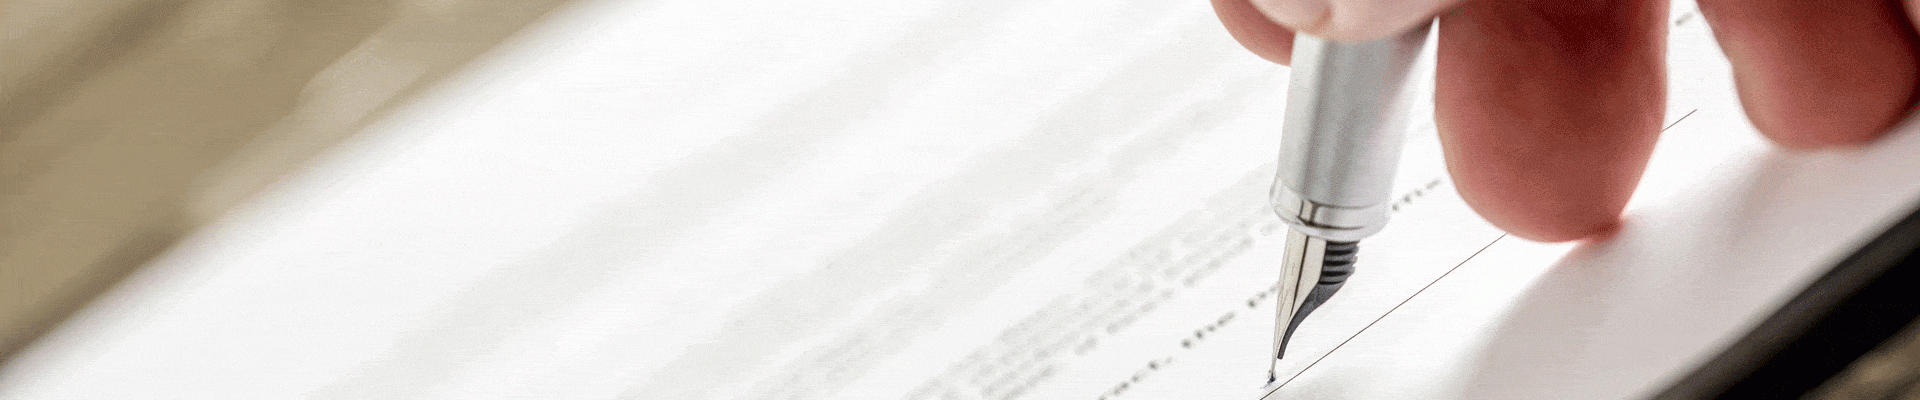 https://jylnotary.ca/cn/wp-content/uploads/2020/06/signature-1920x400-1.jpg